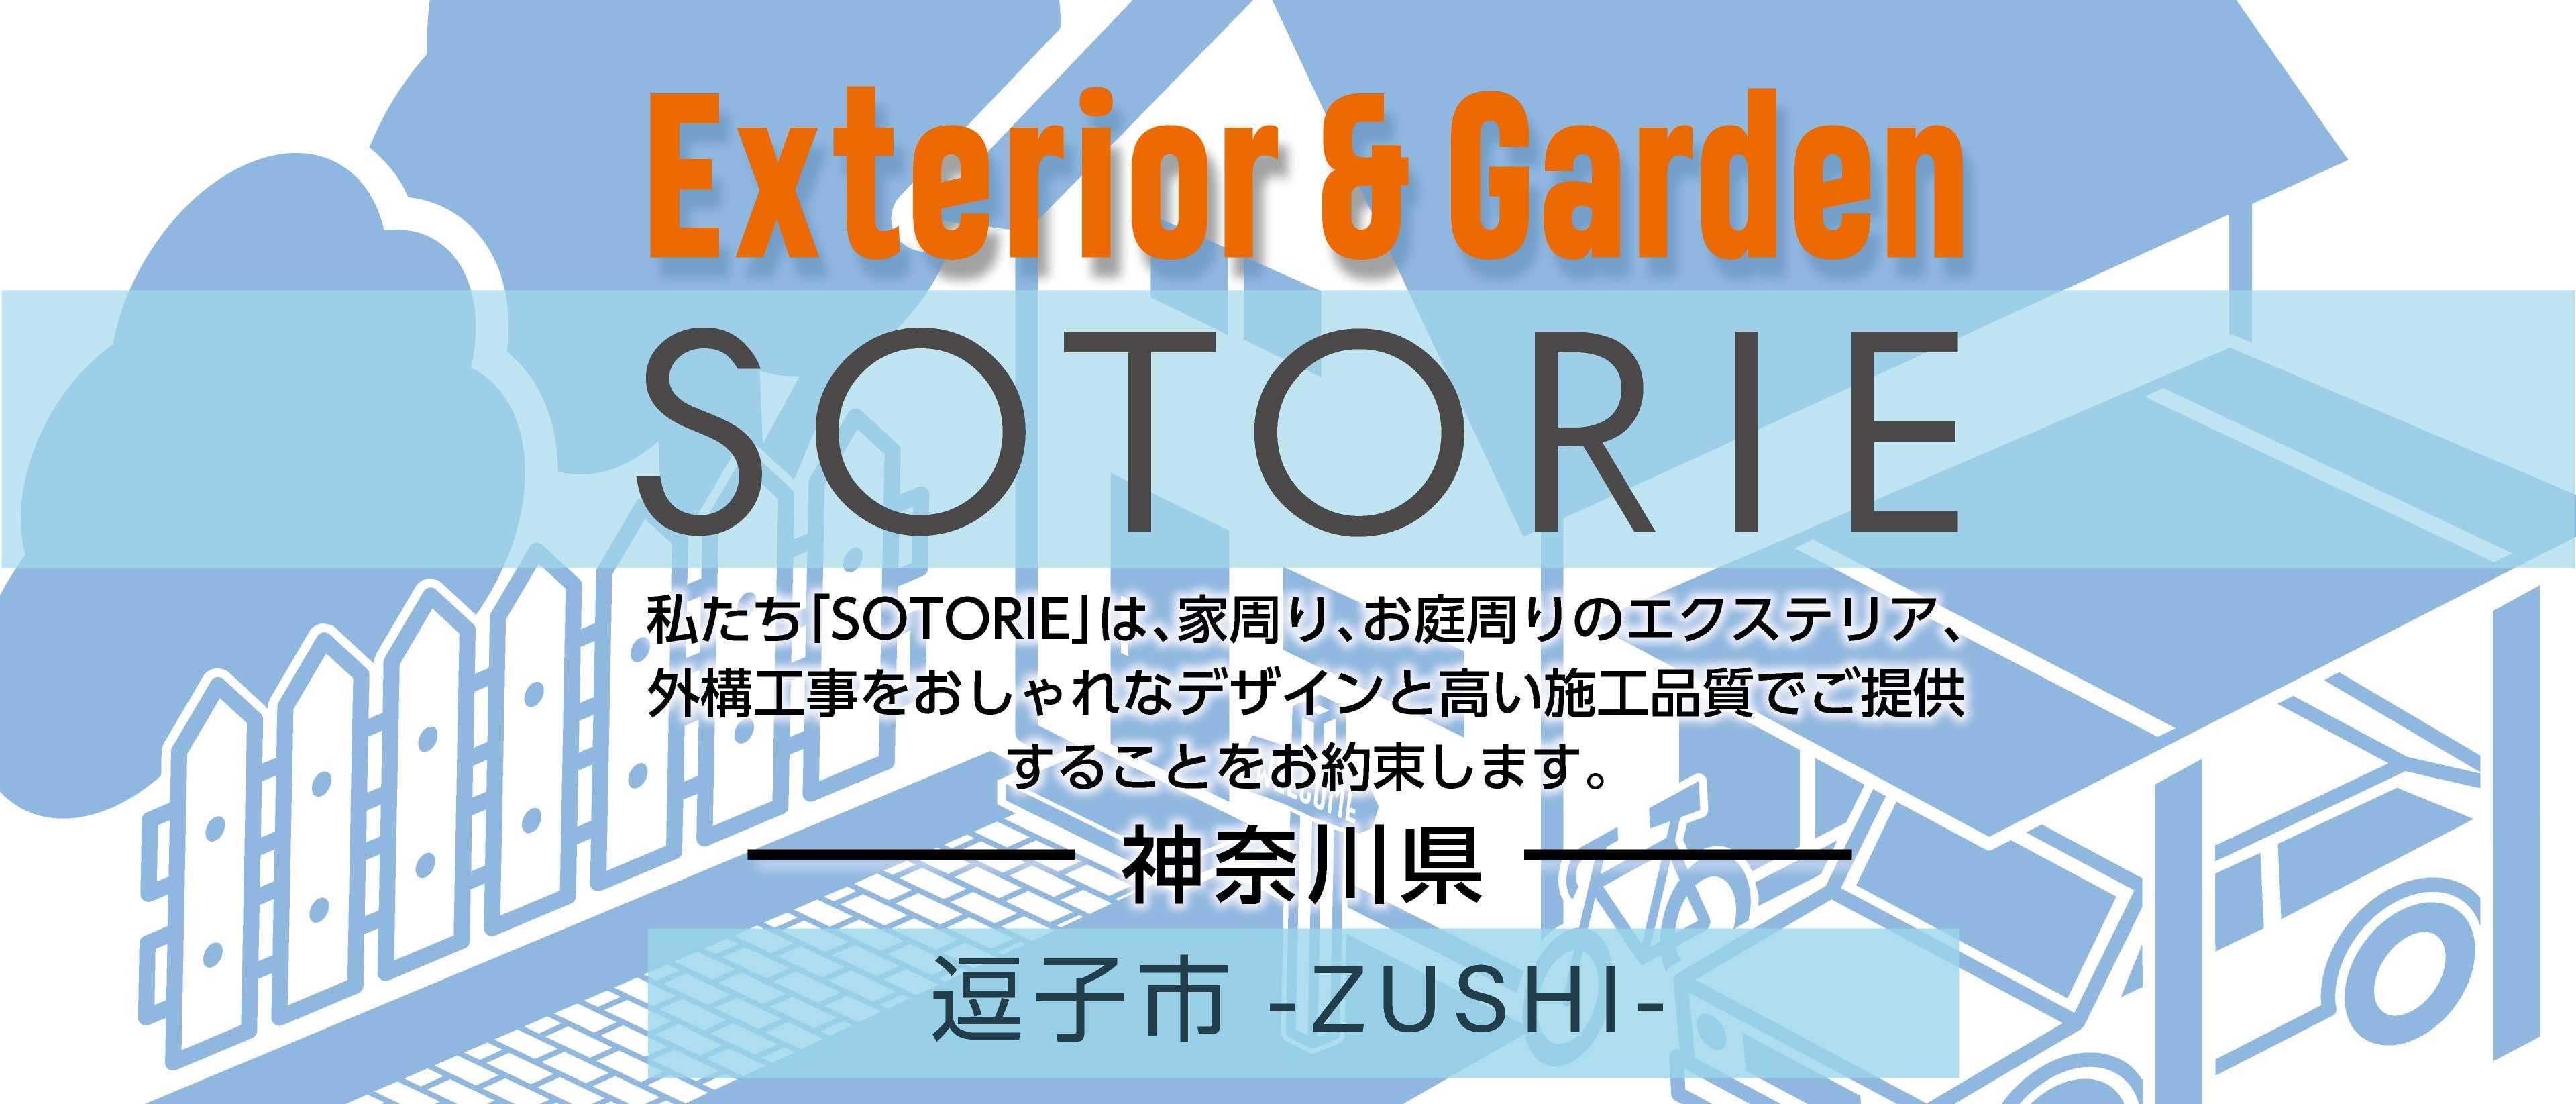 ソトリエ逗子市では、家周りと庭周りの外構、エクステリア工事をおしゃれなデザインと高い施工品質でご提供することをお約束します。